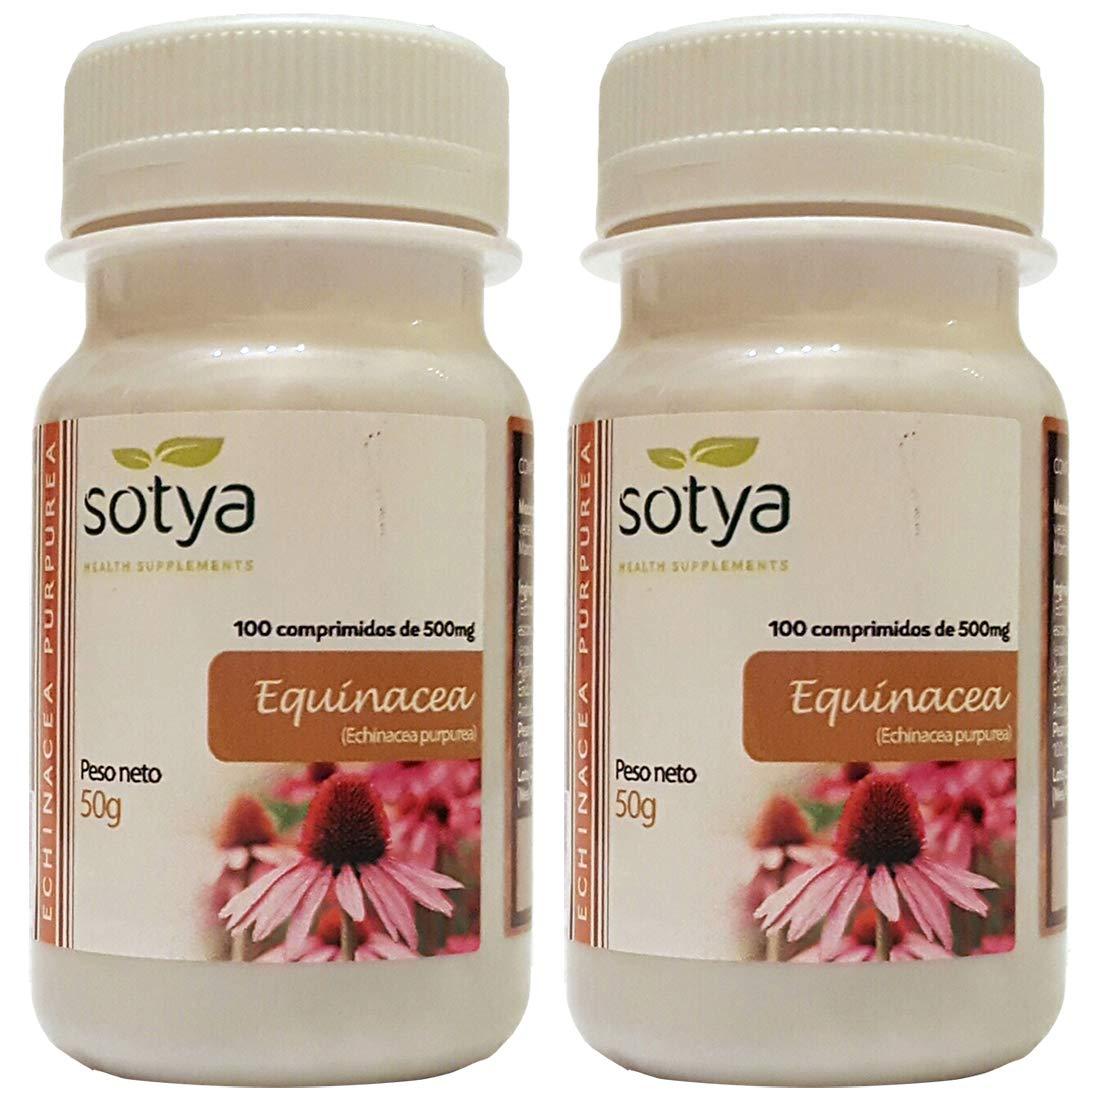 EQUINACEA 500mg 100 cáps. SOTYA (Pack 2u.): Amazon.es: Salud y cuidado personal